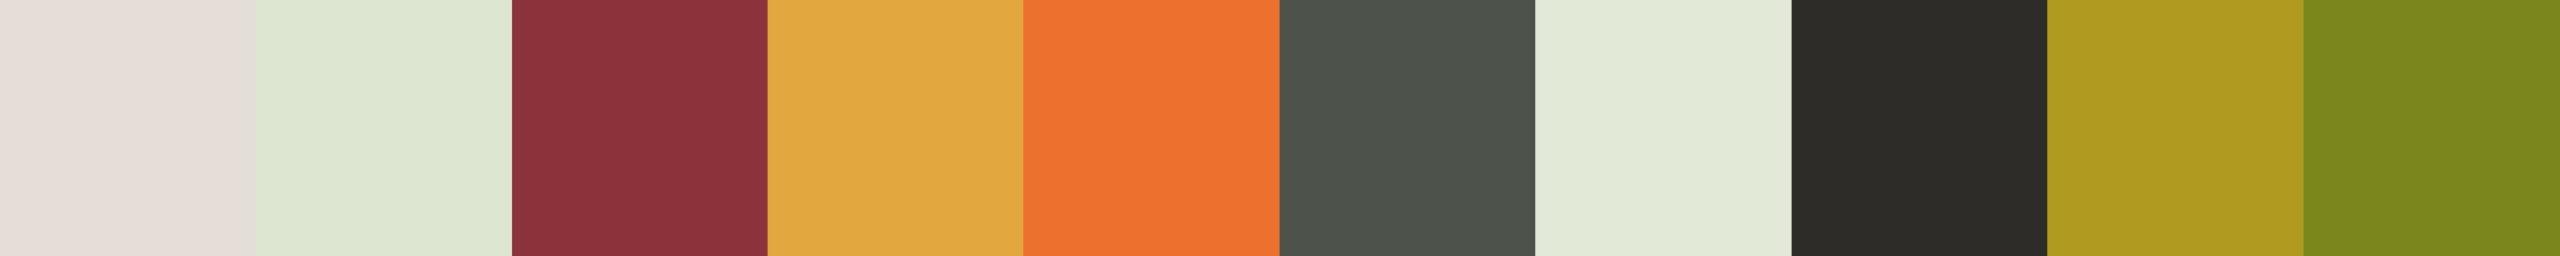 768 Flogea Color Palette